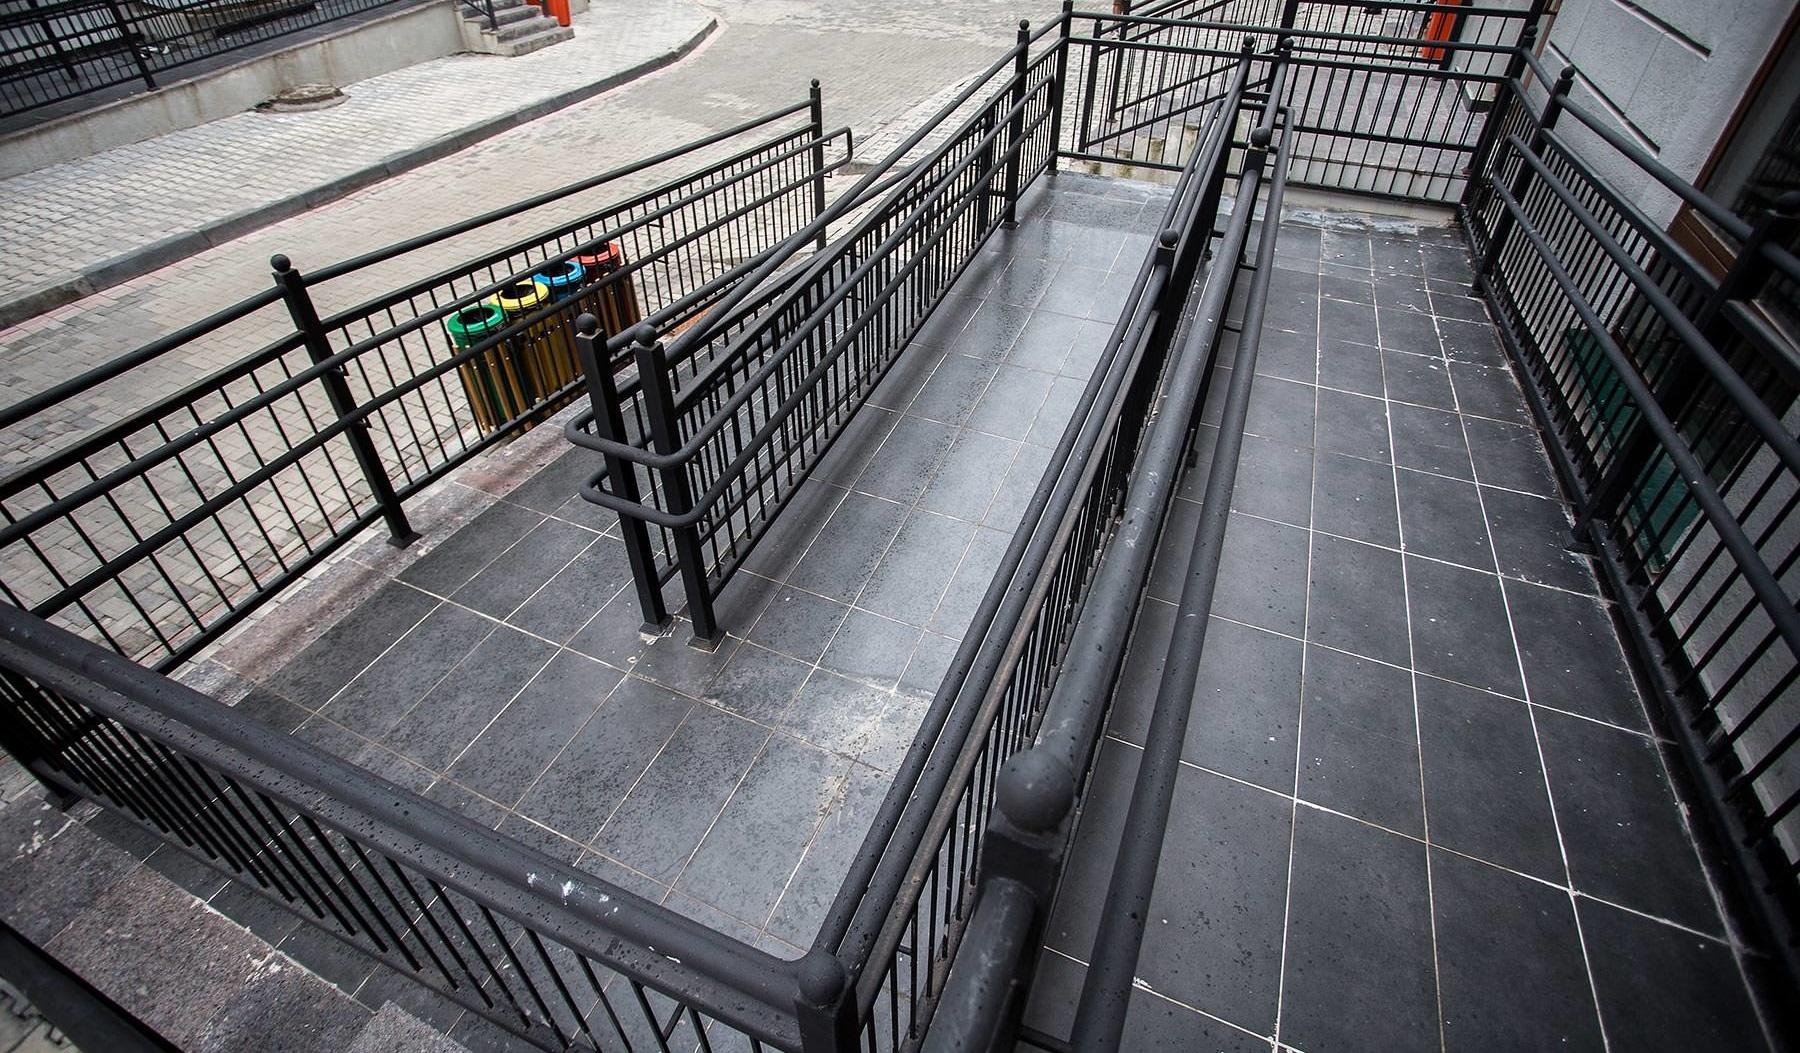 Пандус это единственная конструкция которая помогает инвалидам преодолевать лестницу.